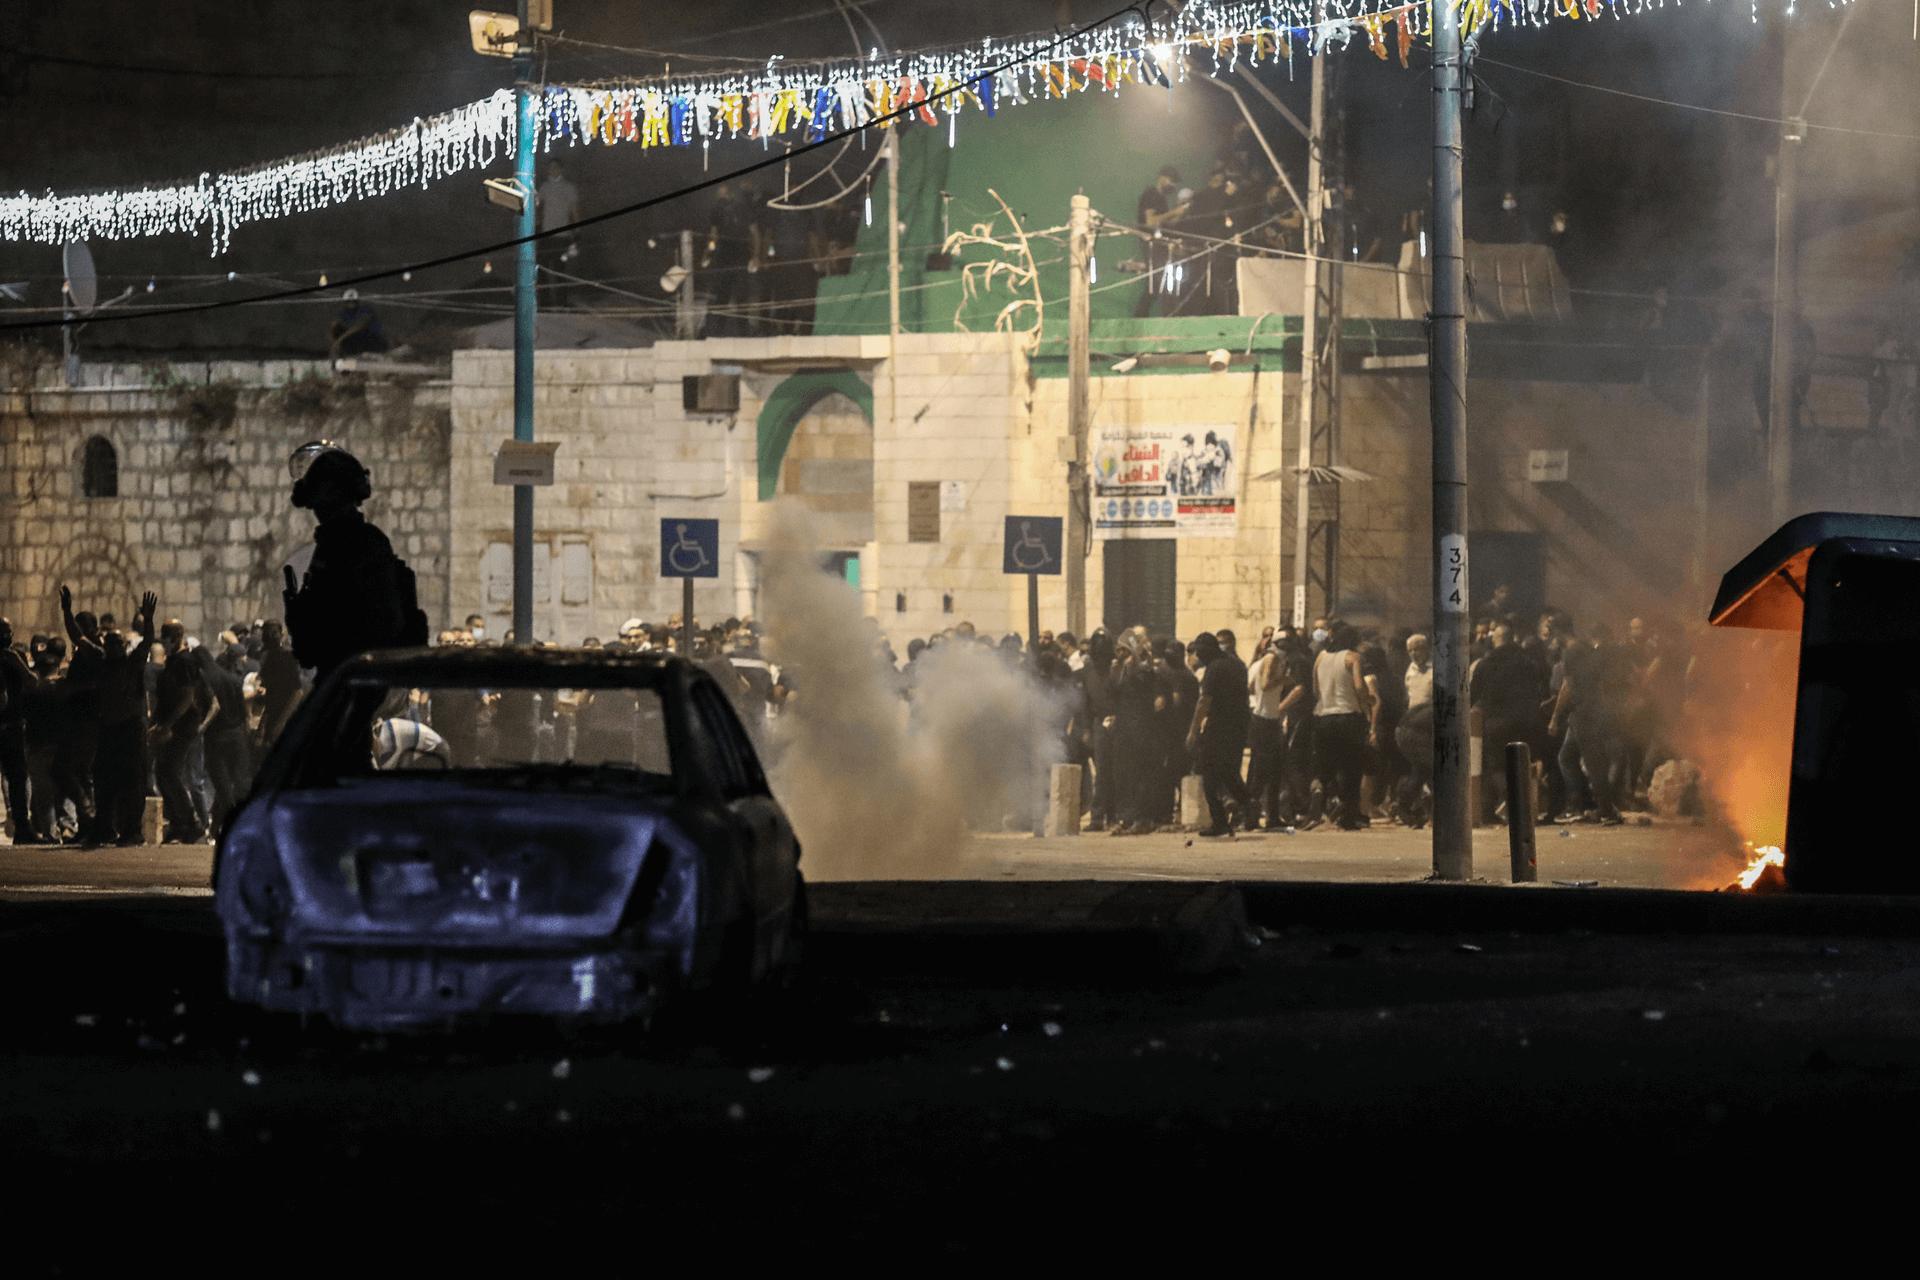 עימותים אלימים ומאות אנשים ברחובות העיר לוד אמש (12.5) על אף העוצר שהמשטרה ביקשה לאכוף. צילום: רויטרס